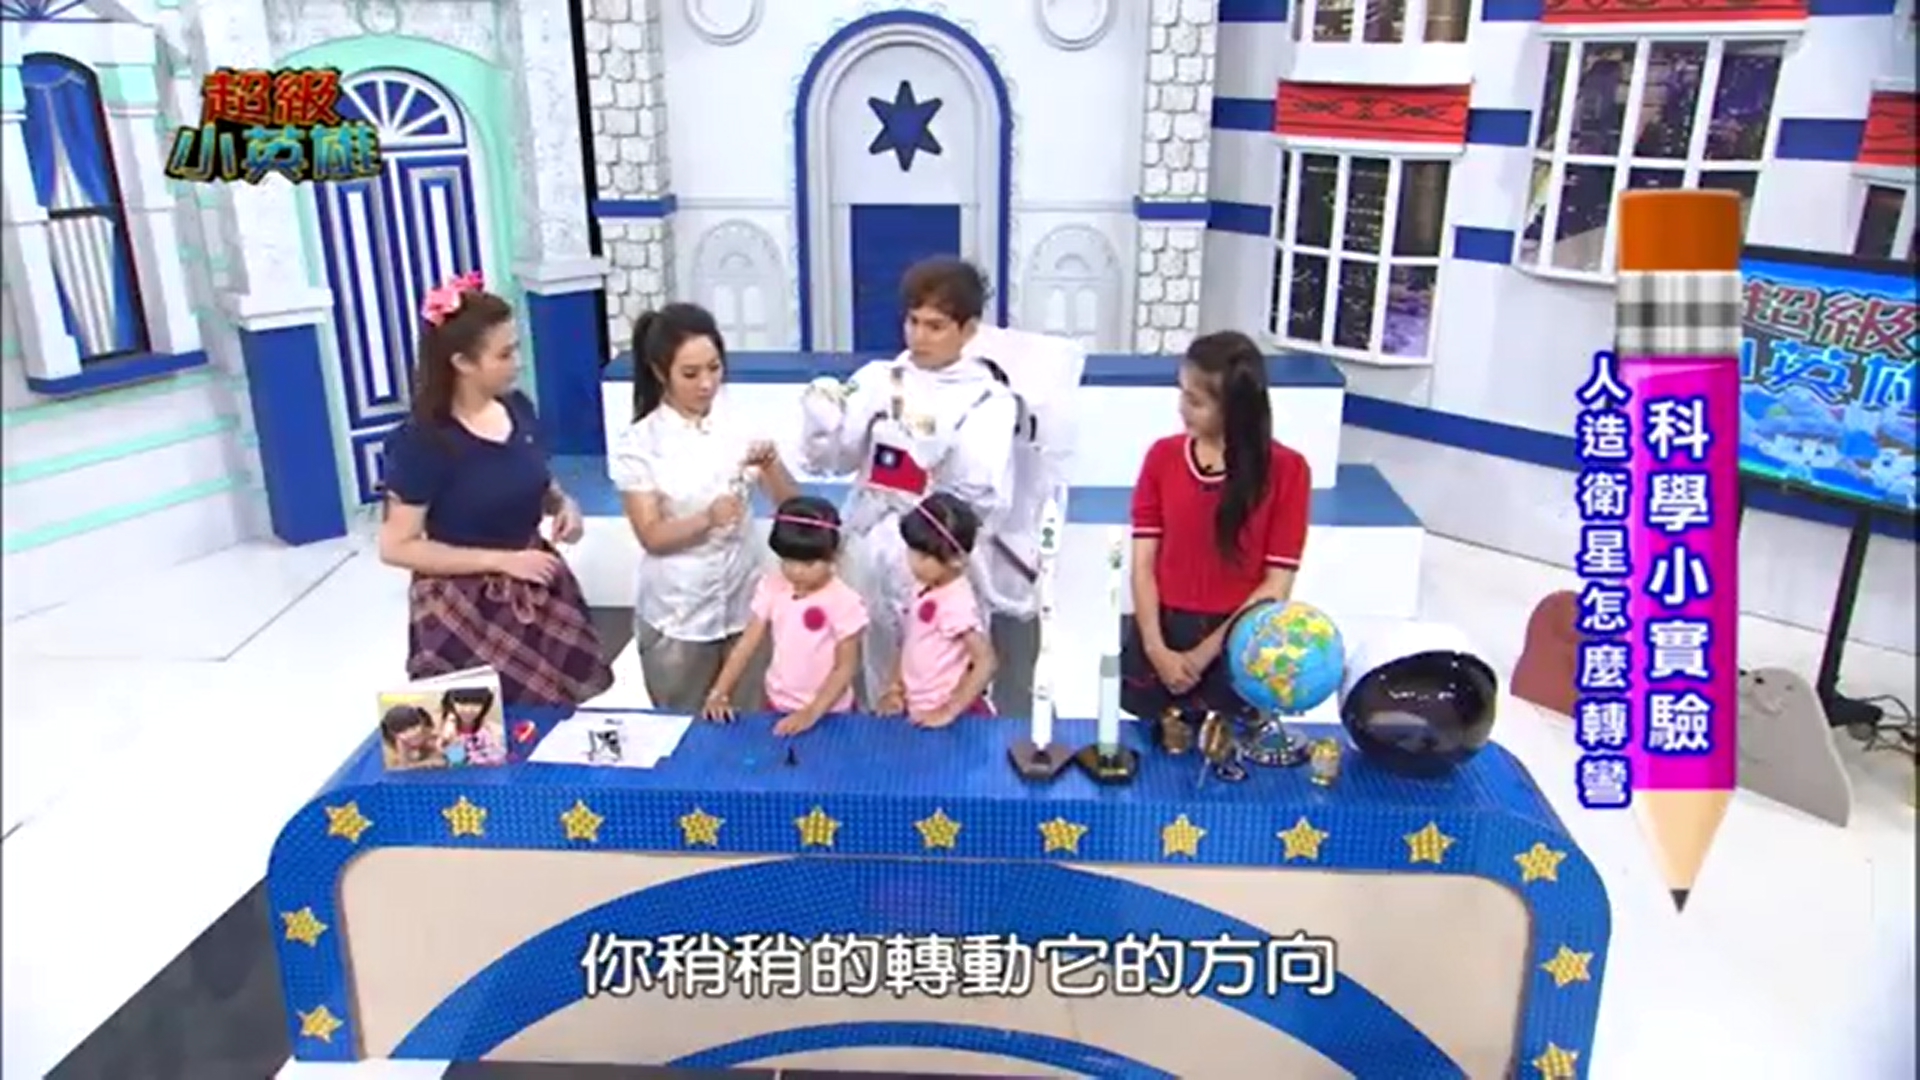 2014.08.31超級電視台超級小英雄節目【人造衛星怎麼轉彎】